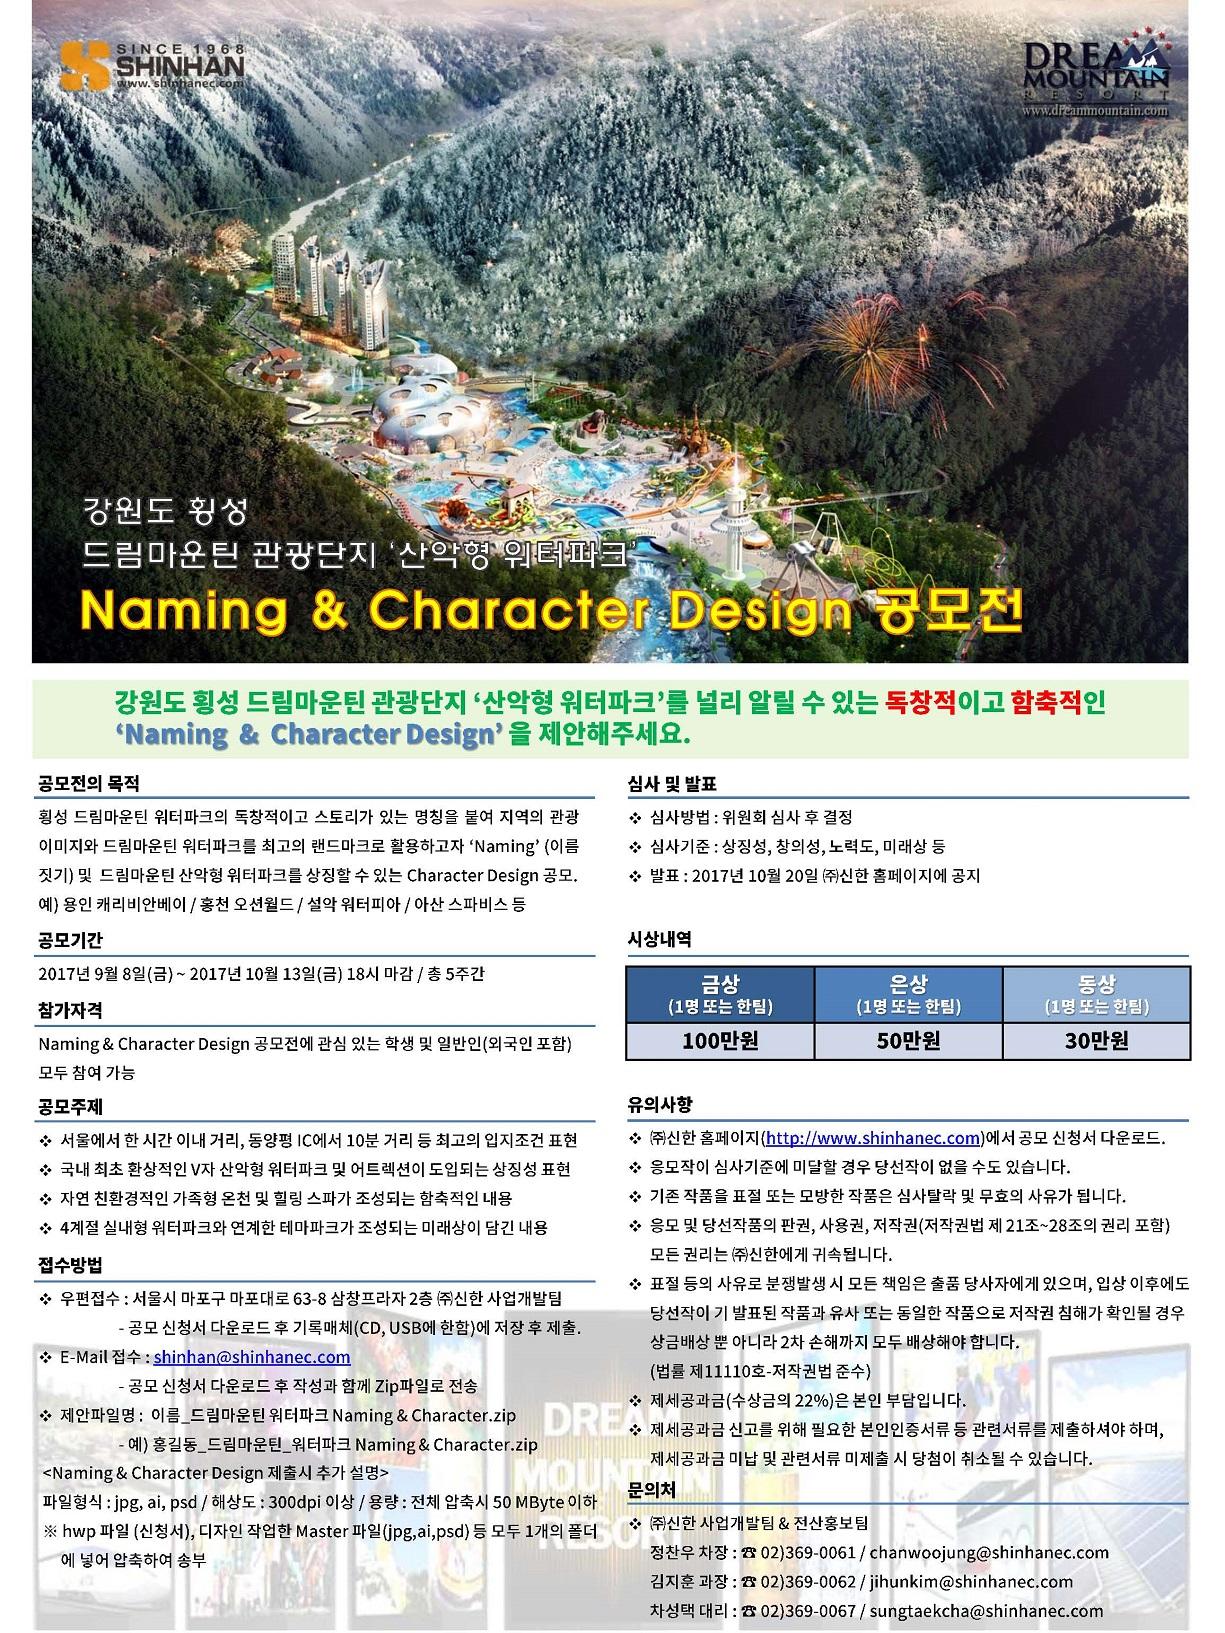 강원도 횡성 드림마운틴 관광단지 `산악형 워터파크` Naming & Character Design 공모전